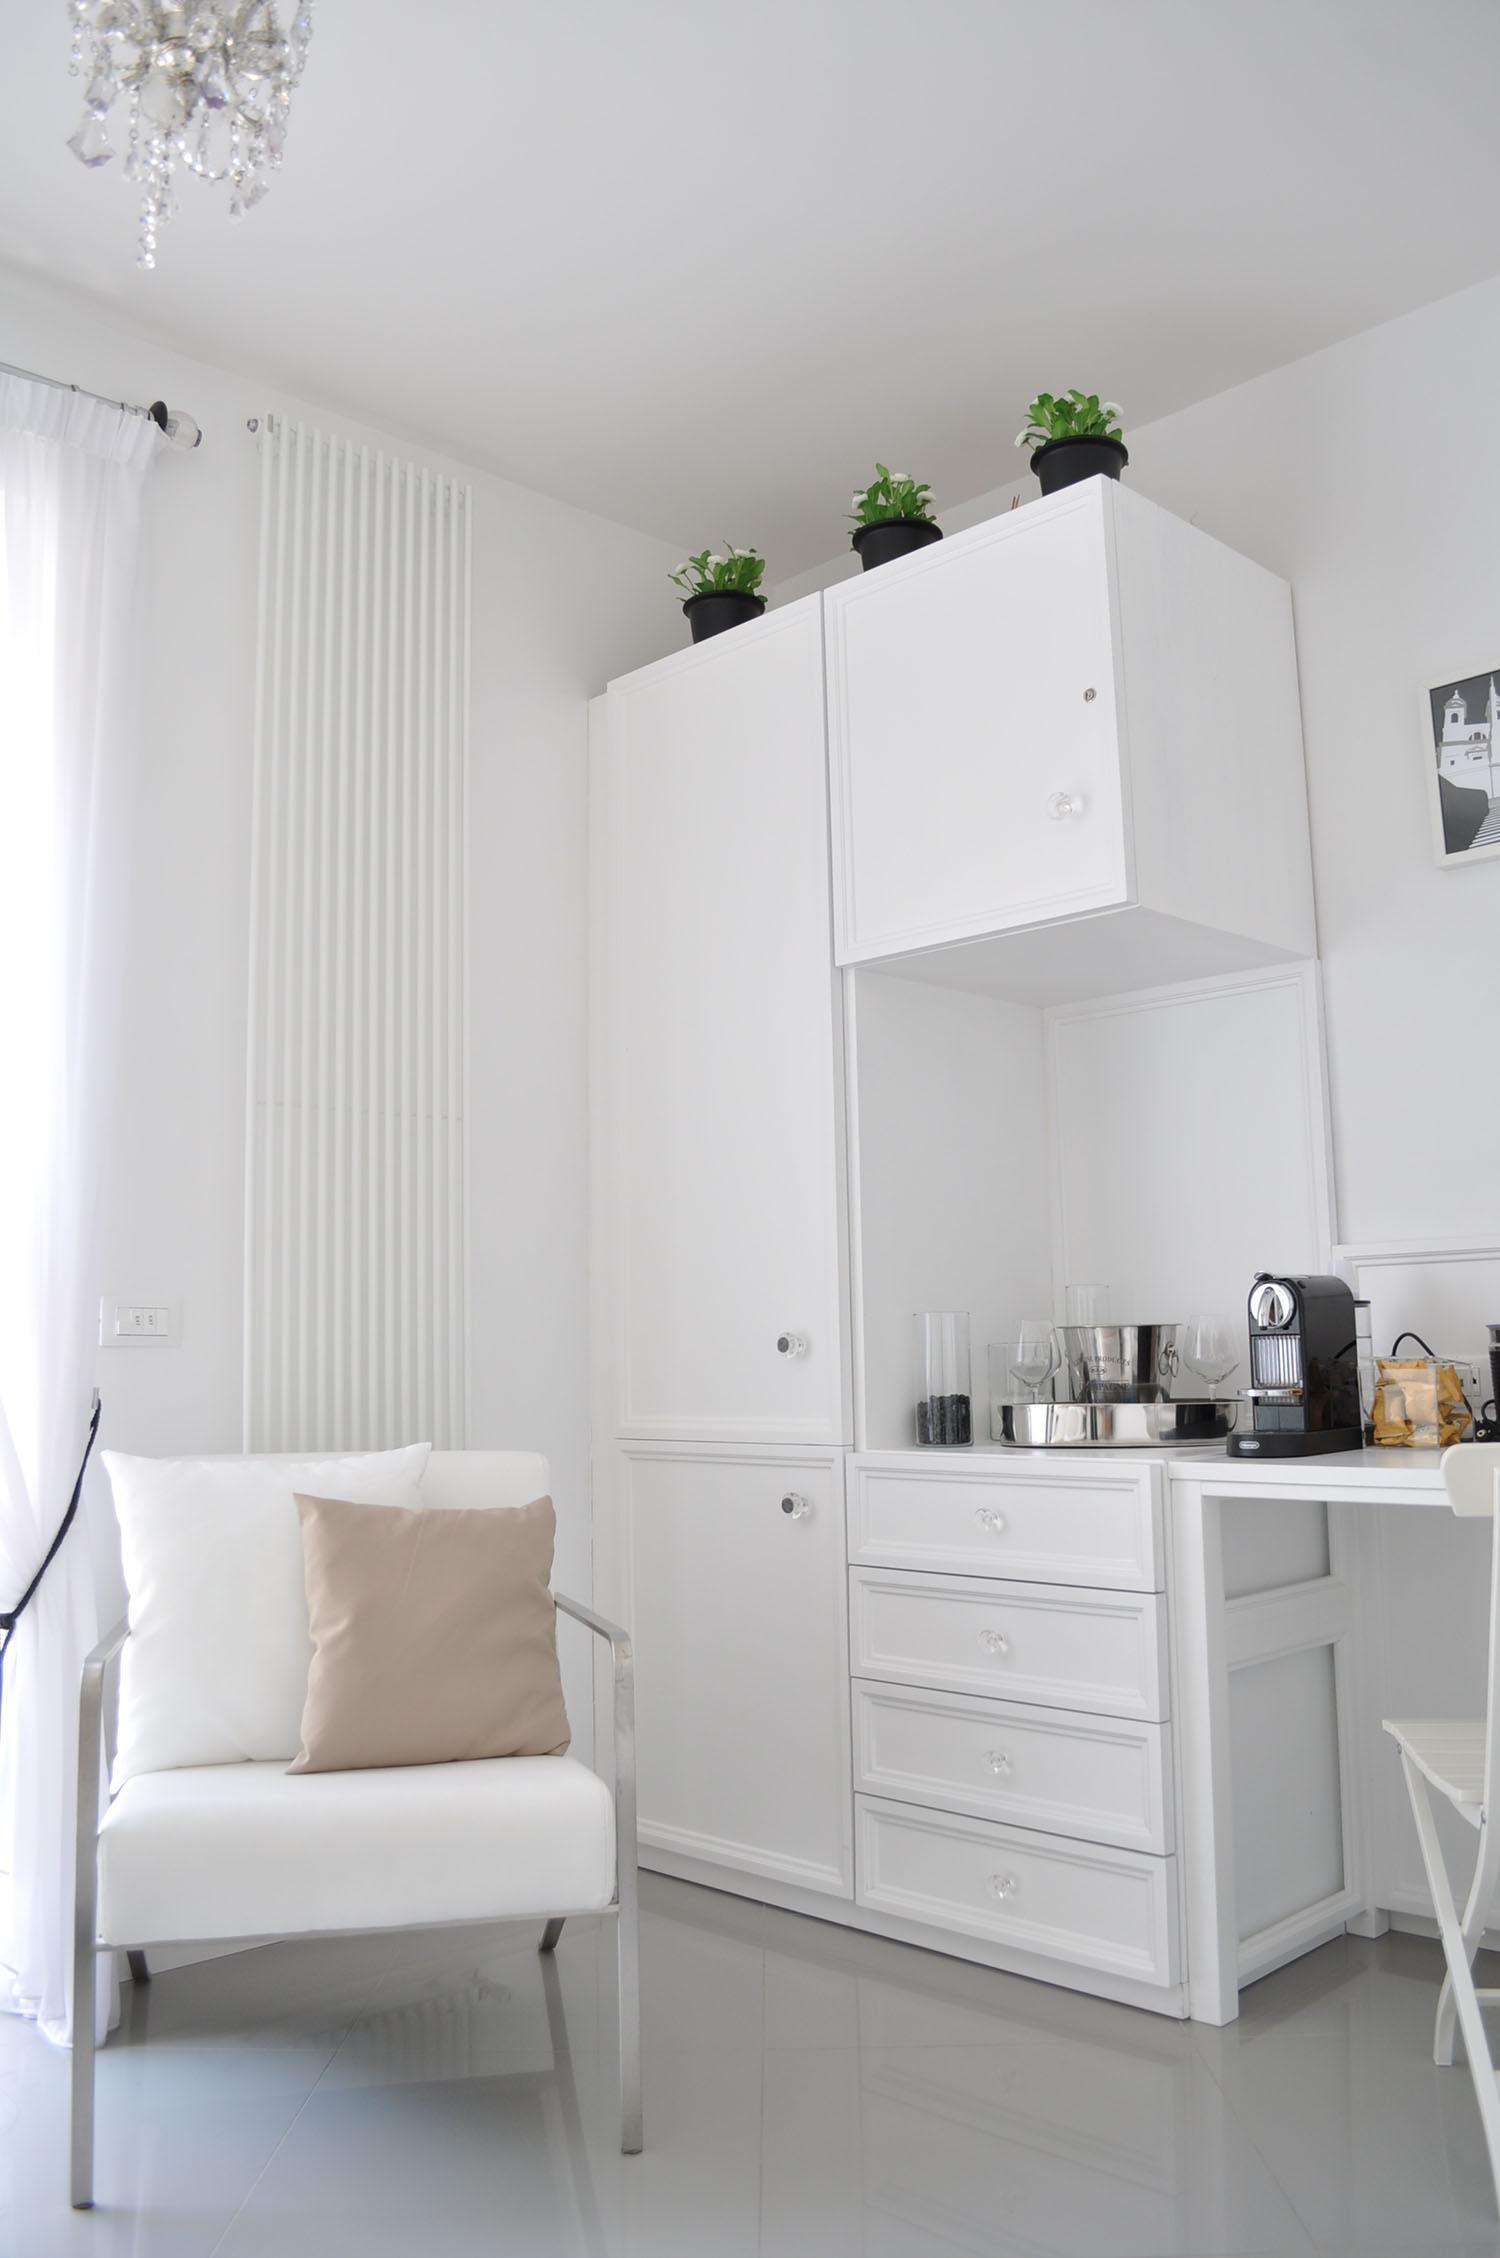 Camera da letto falegnameria su misura roma (1)